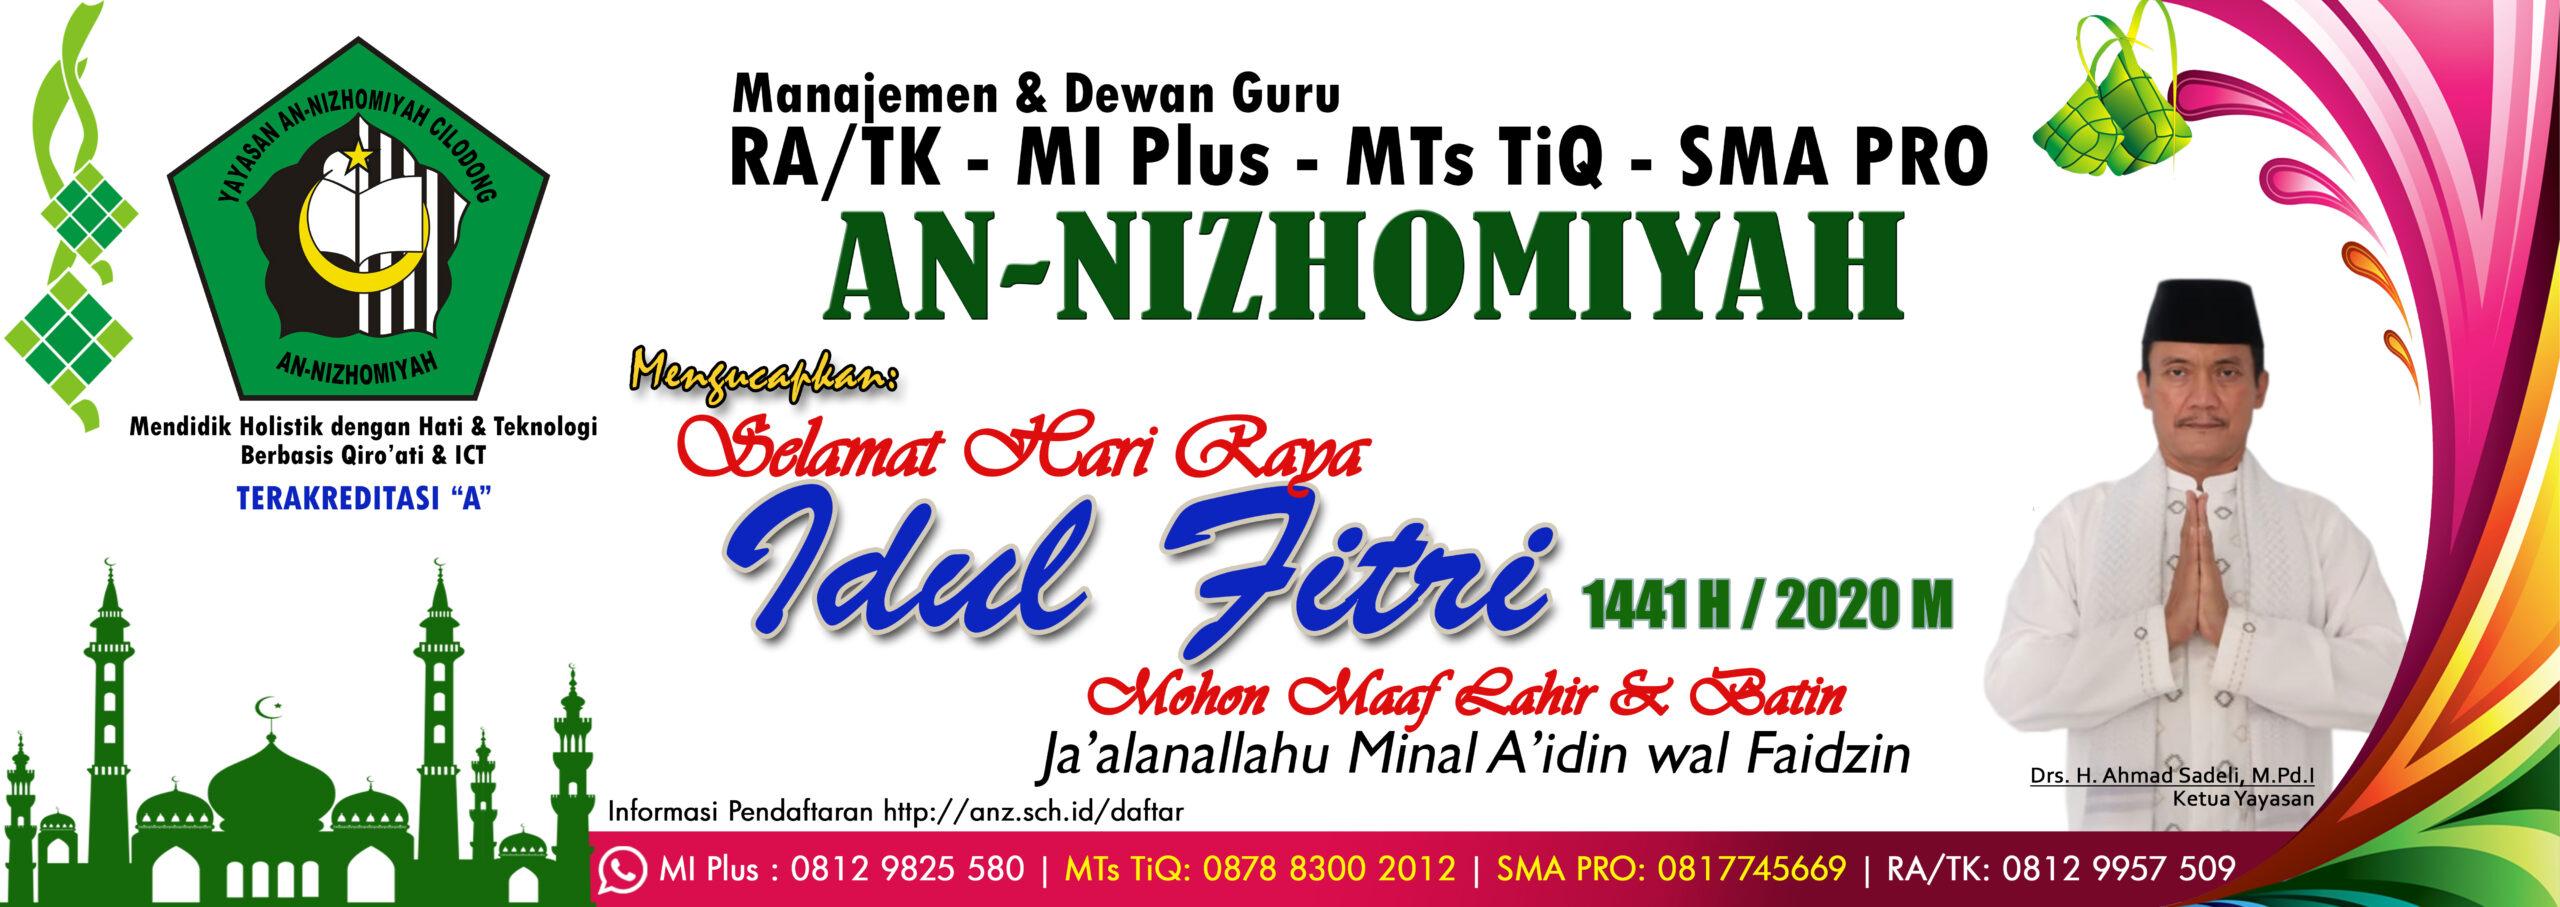 Selamat Hari Raya Idul Fitri 1 Syawal 1441 H / 2020 M